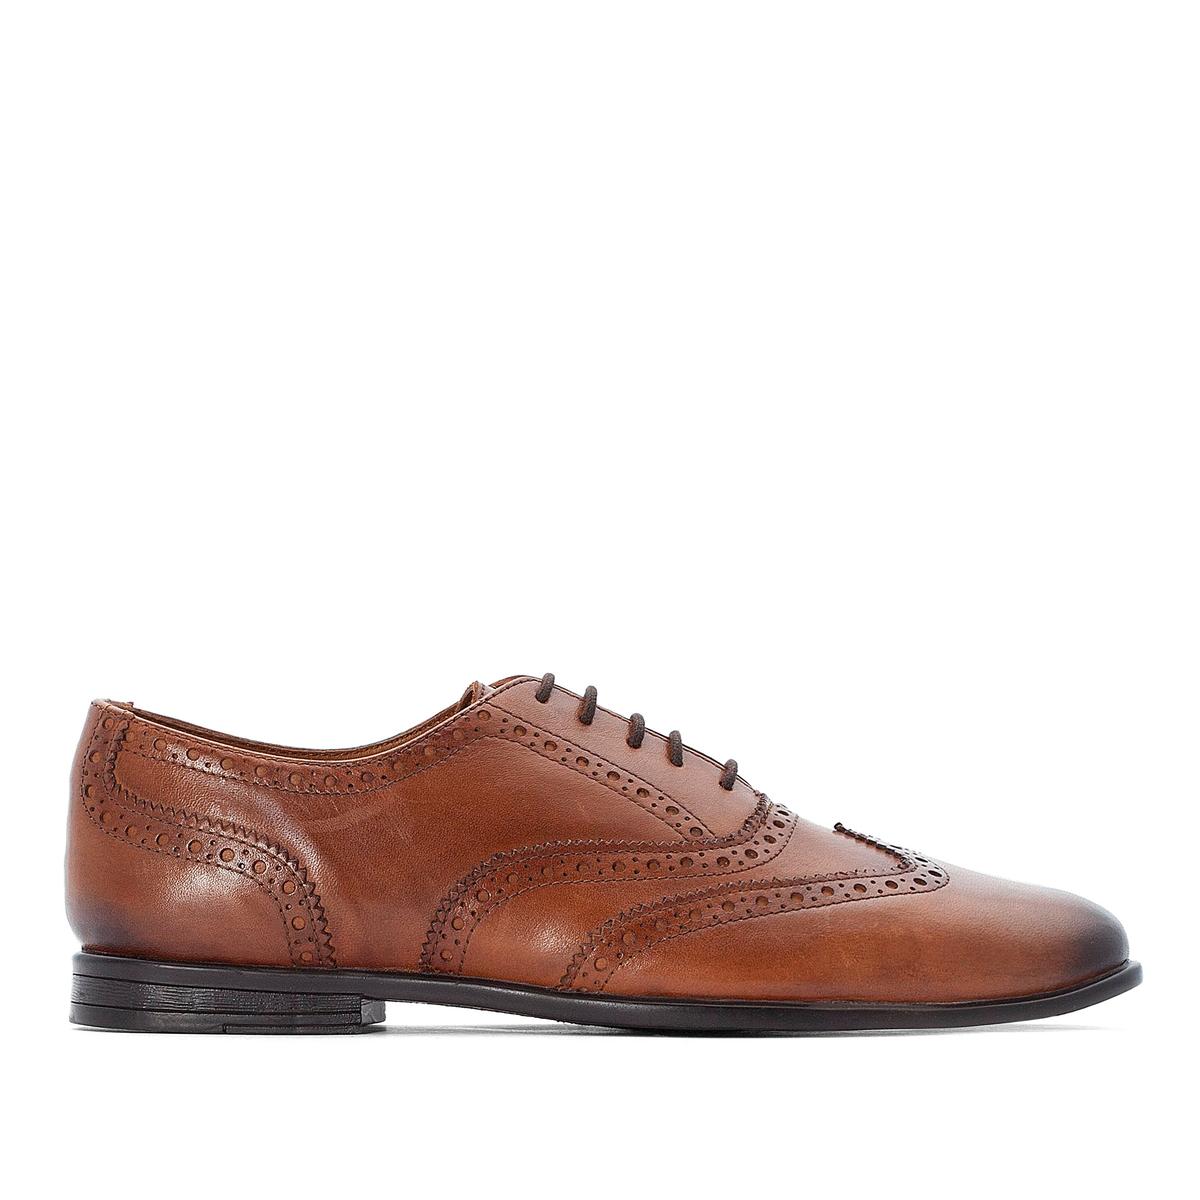 Ботинки-дерби La Redoute Кожаные на шнуровке 45 каштановый ботинки la redoute на шнуровке 38 белый